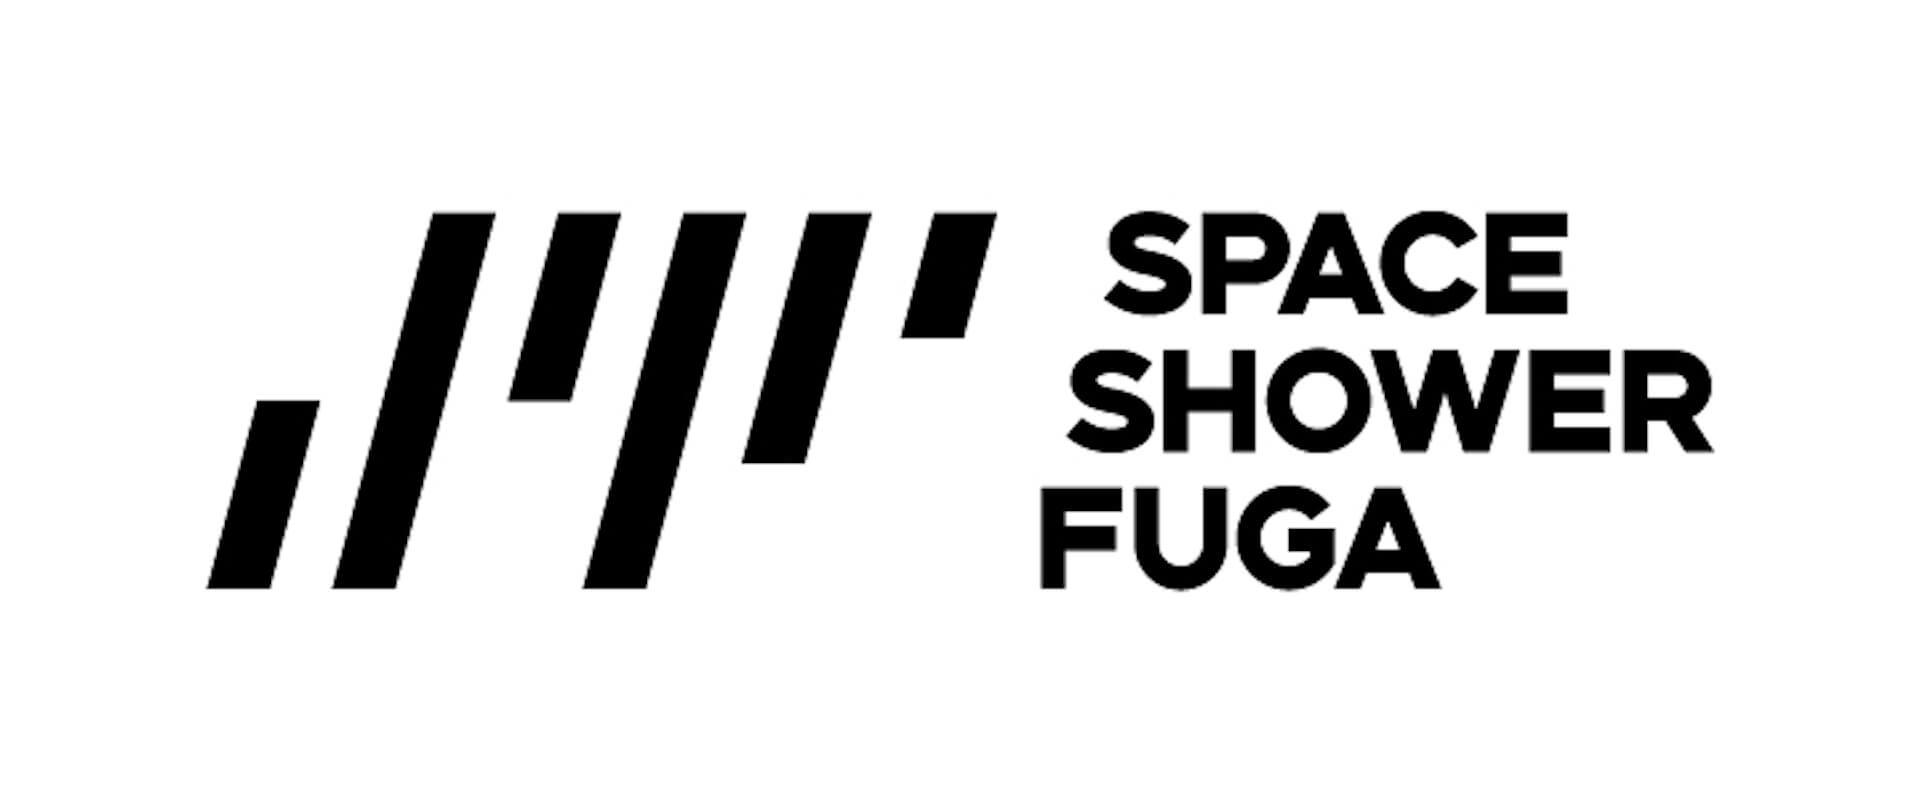 日本発インディペンデントグローバルディストリビューター『SPACE SHOWER FUGA』がローンチ! music210901_spaceshower_fuga_5